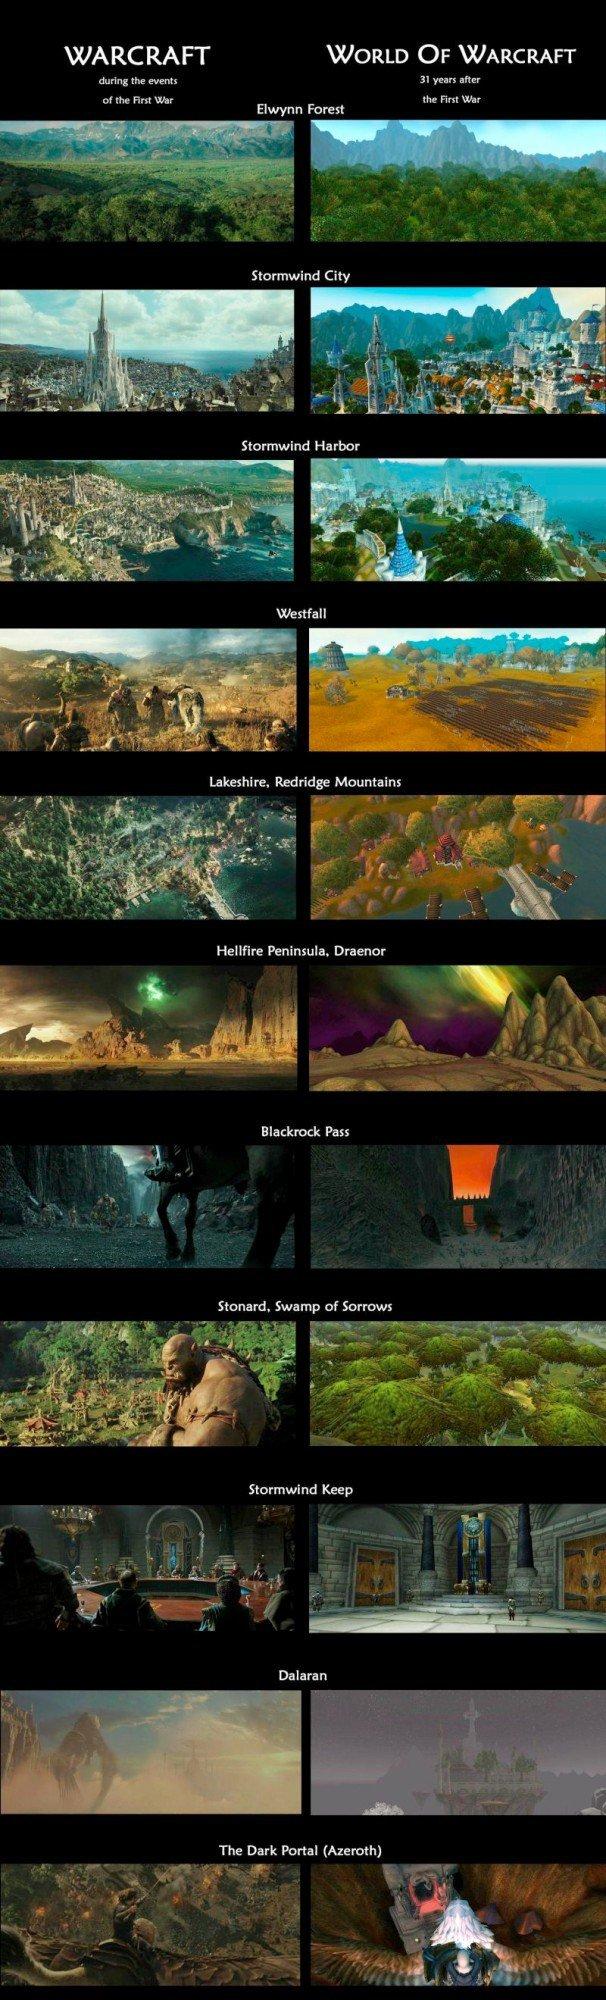 История мира Warcraft. - Изображение 8